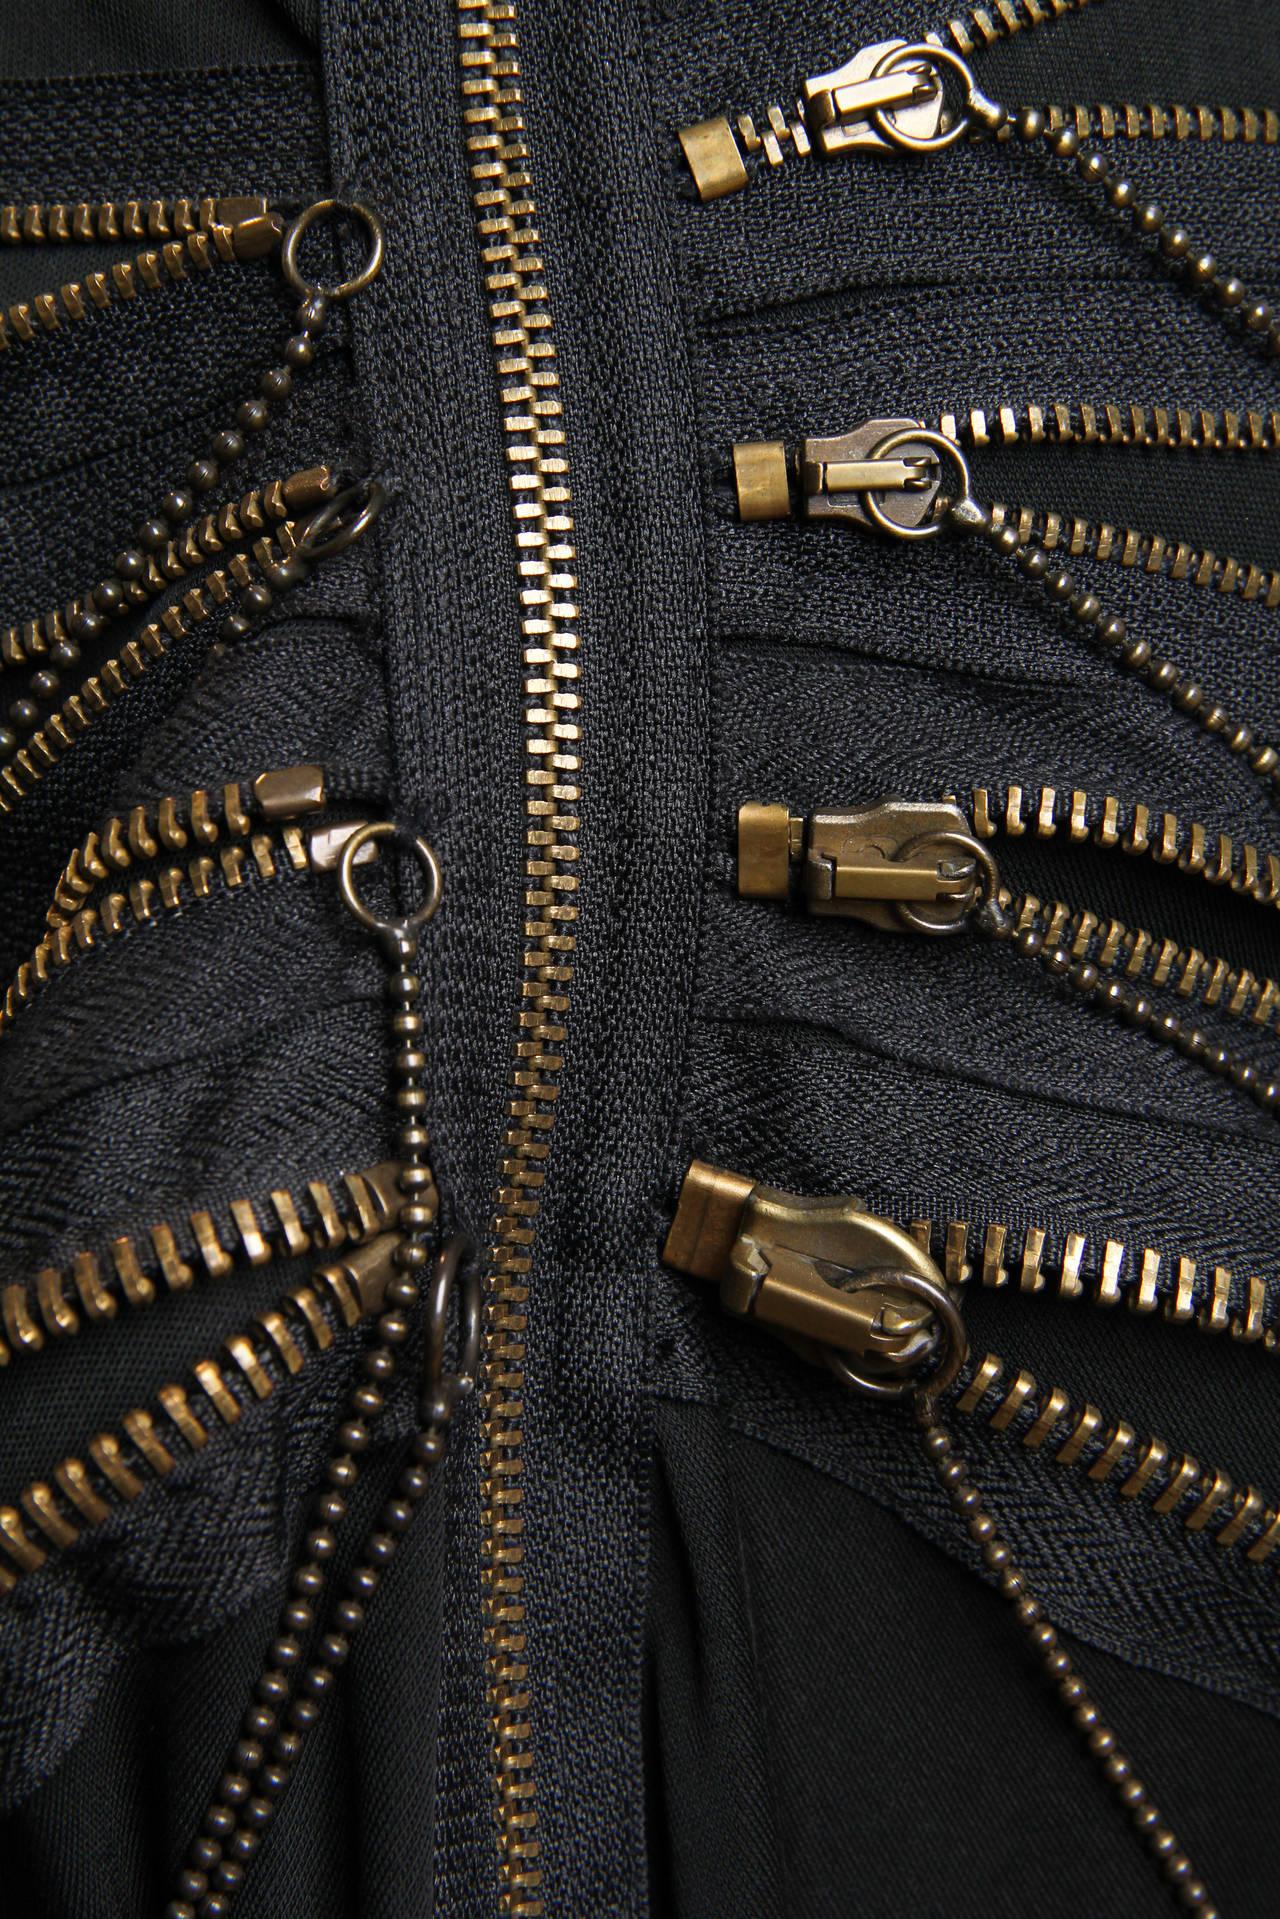 Jean Paul Gaultier Jersey Zipper Dress with Hood For Sale 4